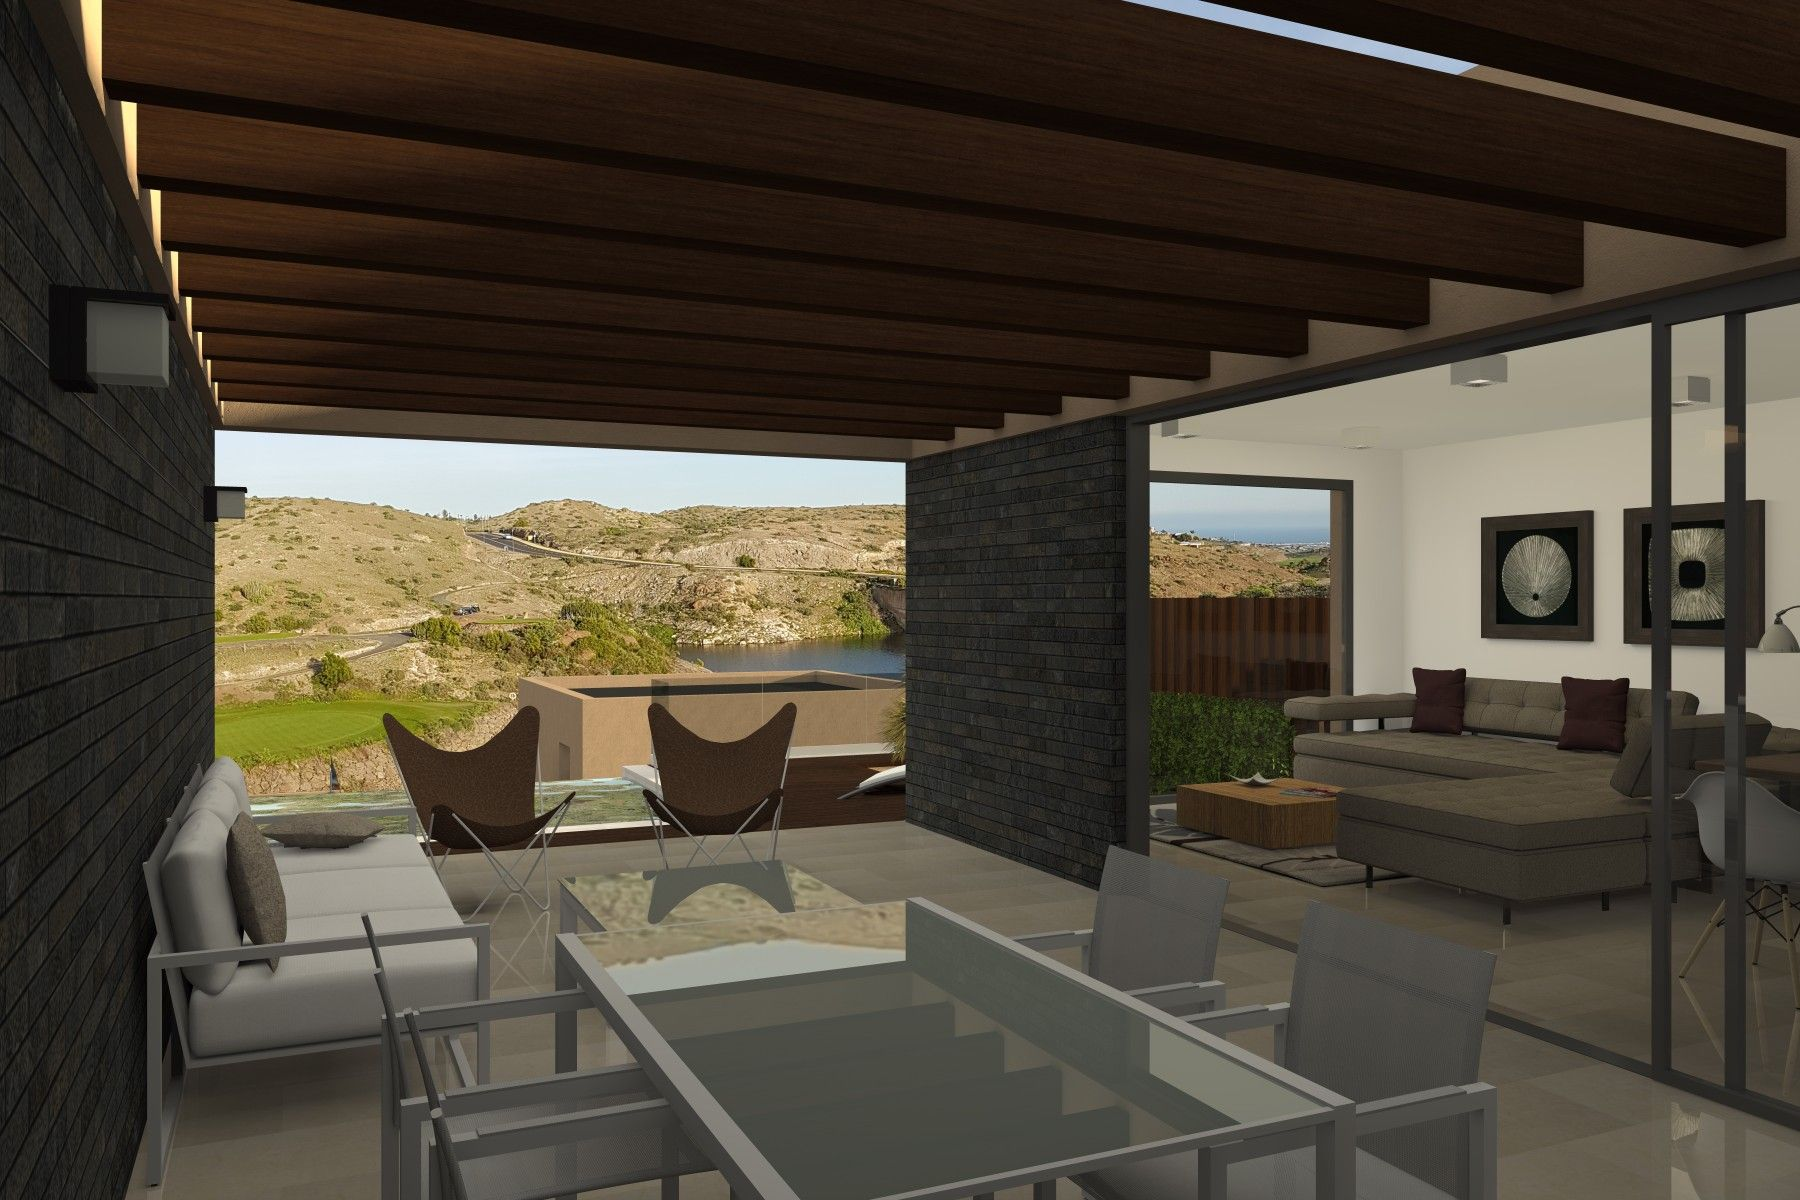 Vista 3d Exterior Desde La Terraza Hacia El Campo De Golf De